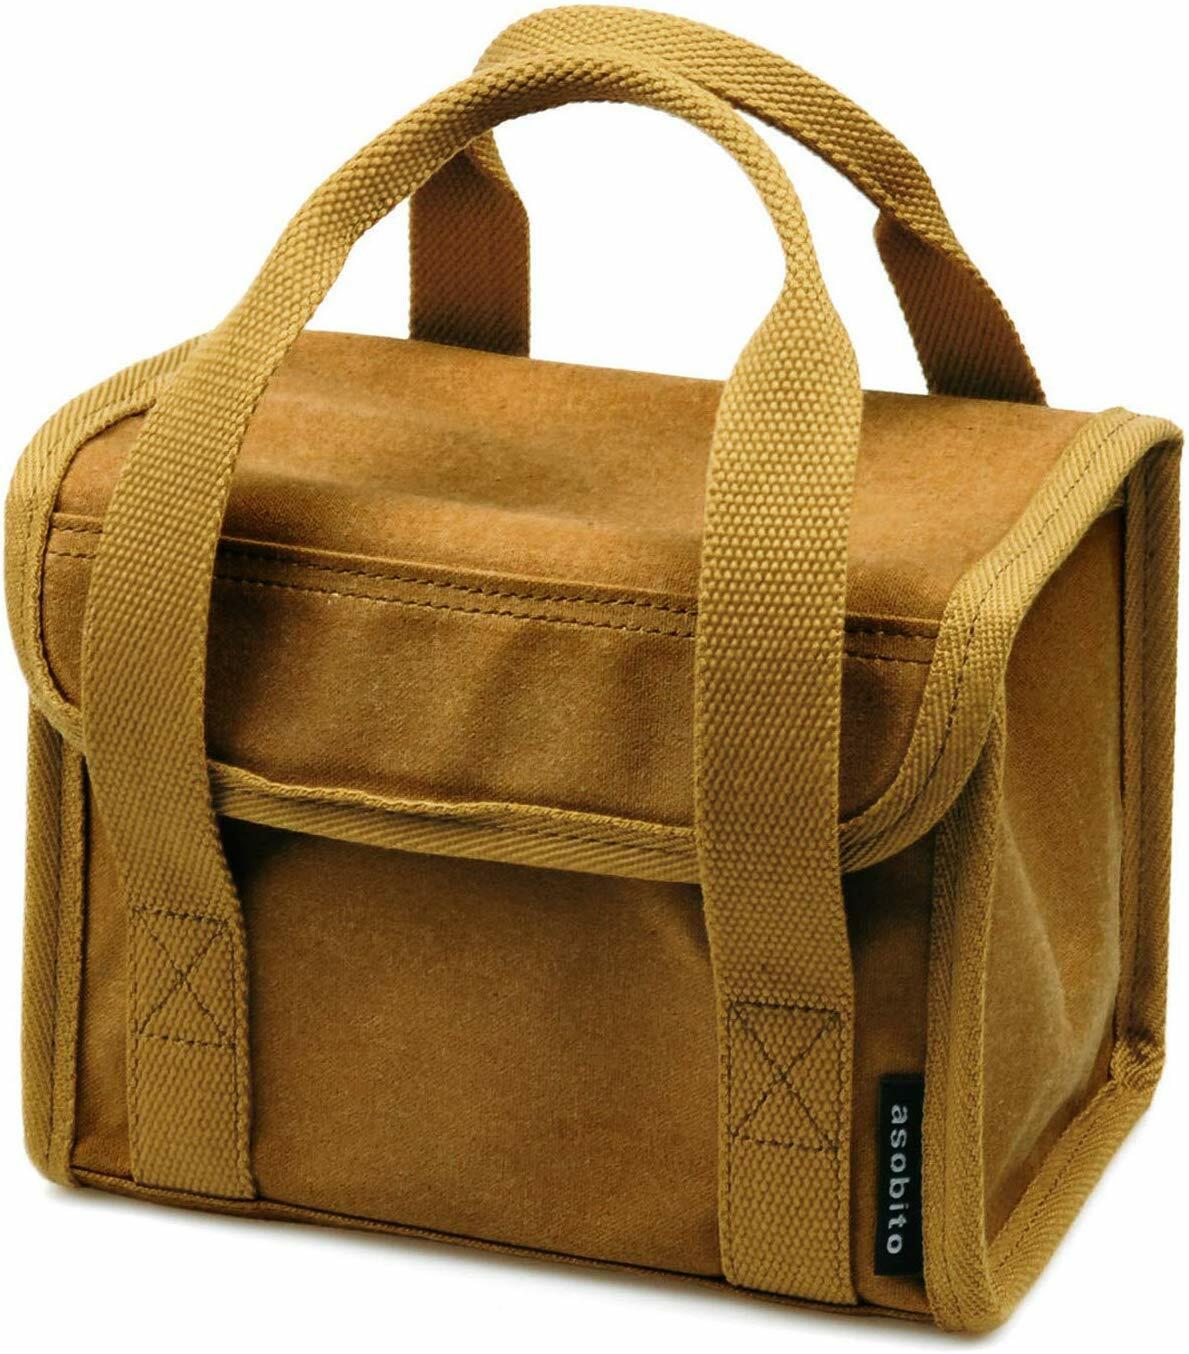 asobito ツールボックス XSサイズ(キャメル)9号綿帆布 アソビト